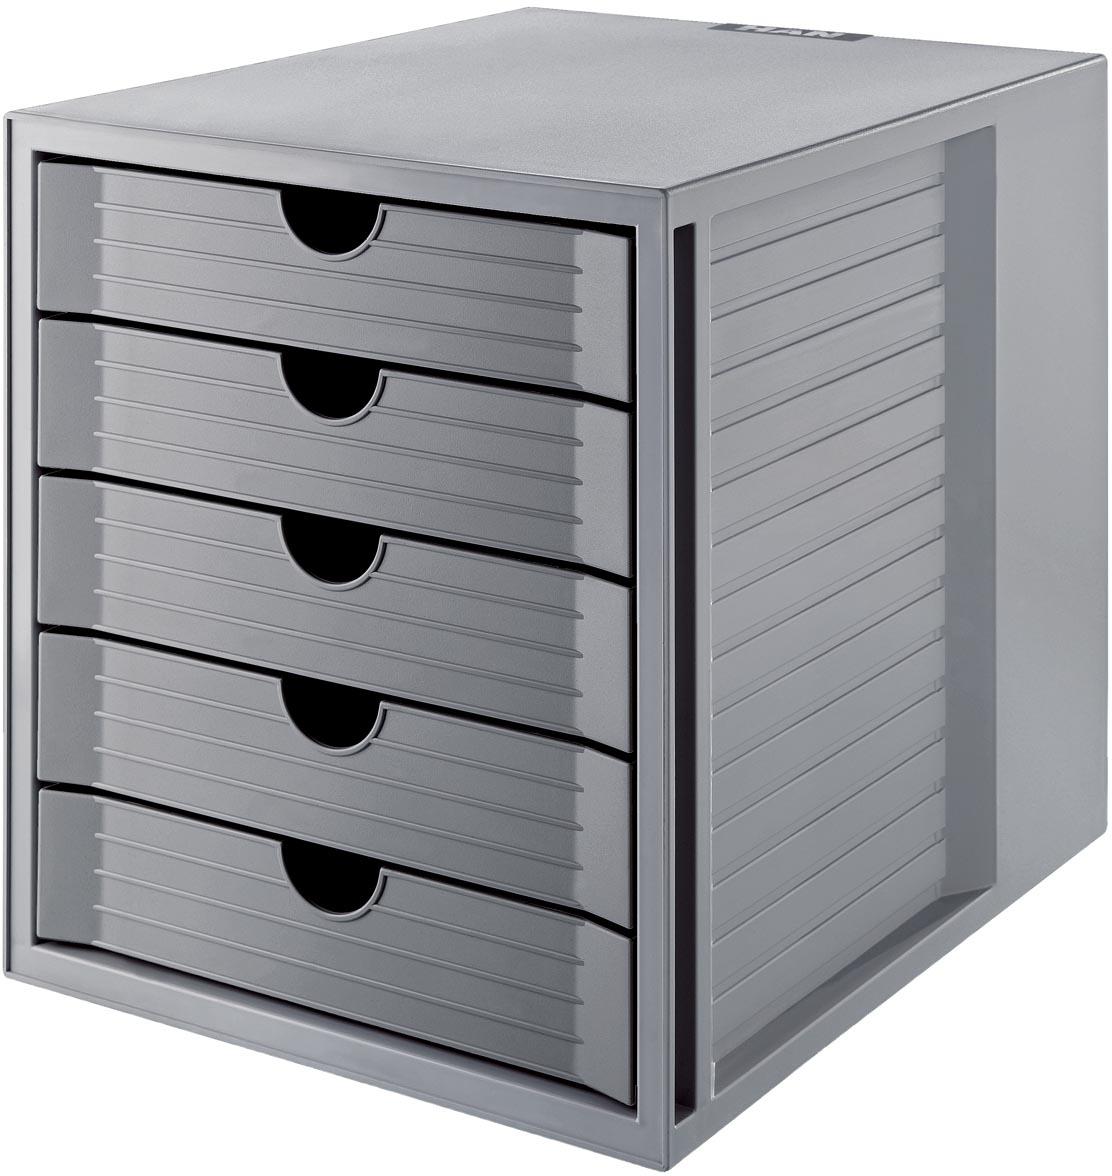 Han ladenblok Systembox Karma, met 5 gesloten laden, eco-grijs